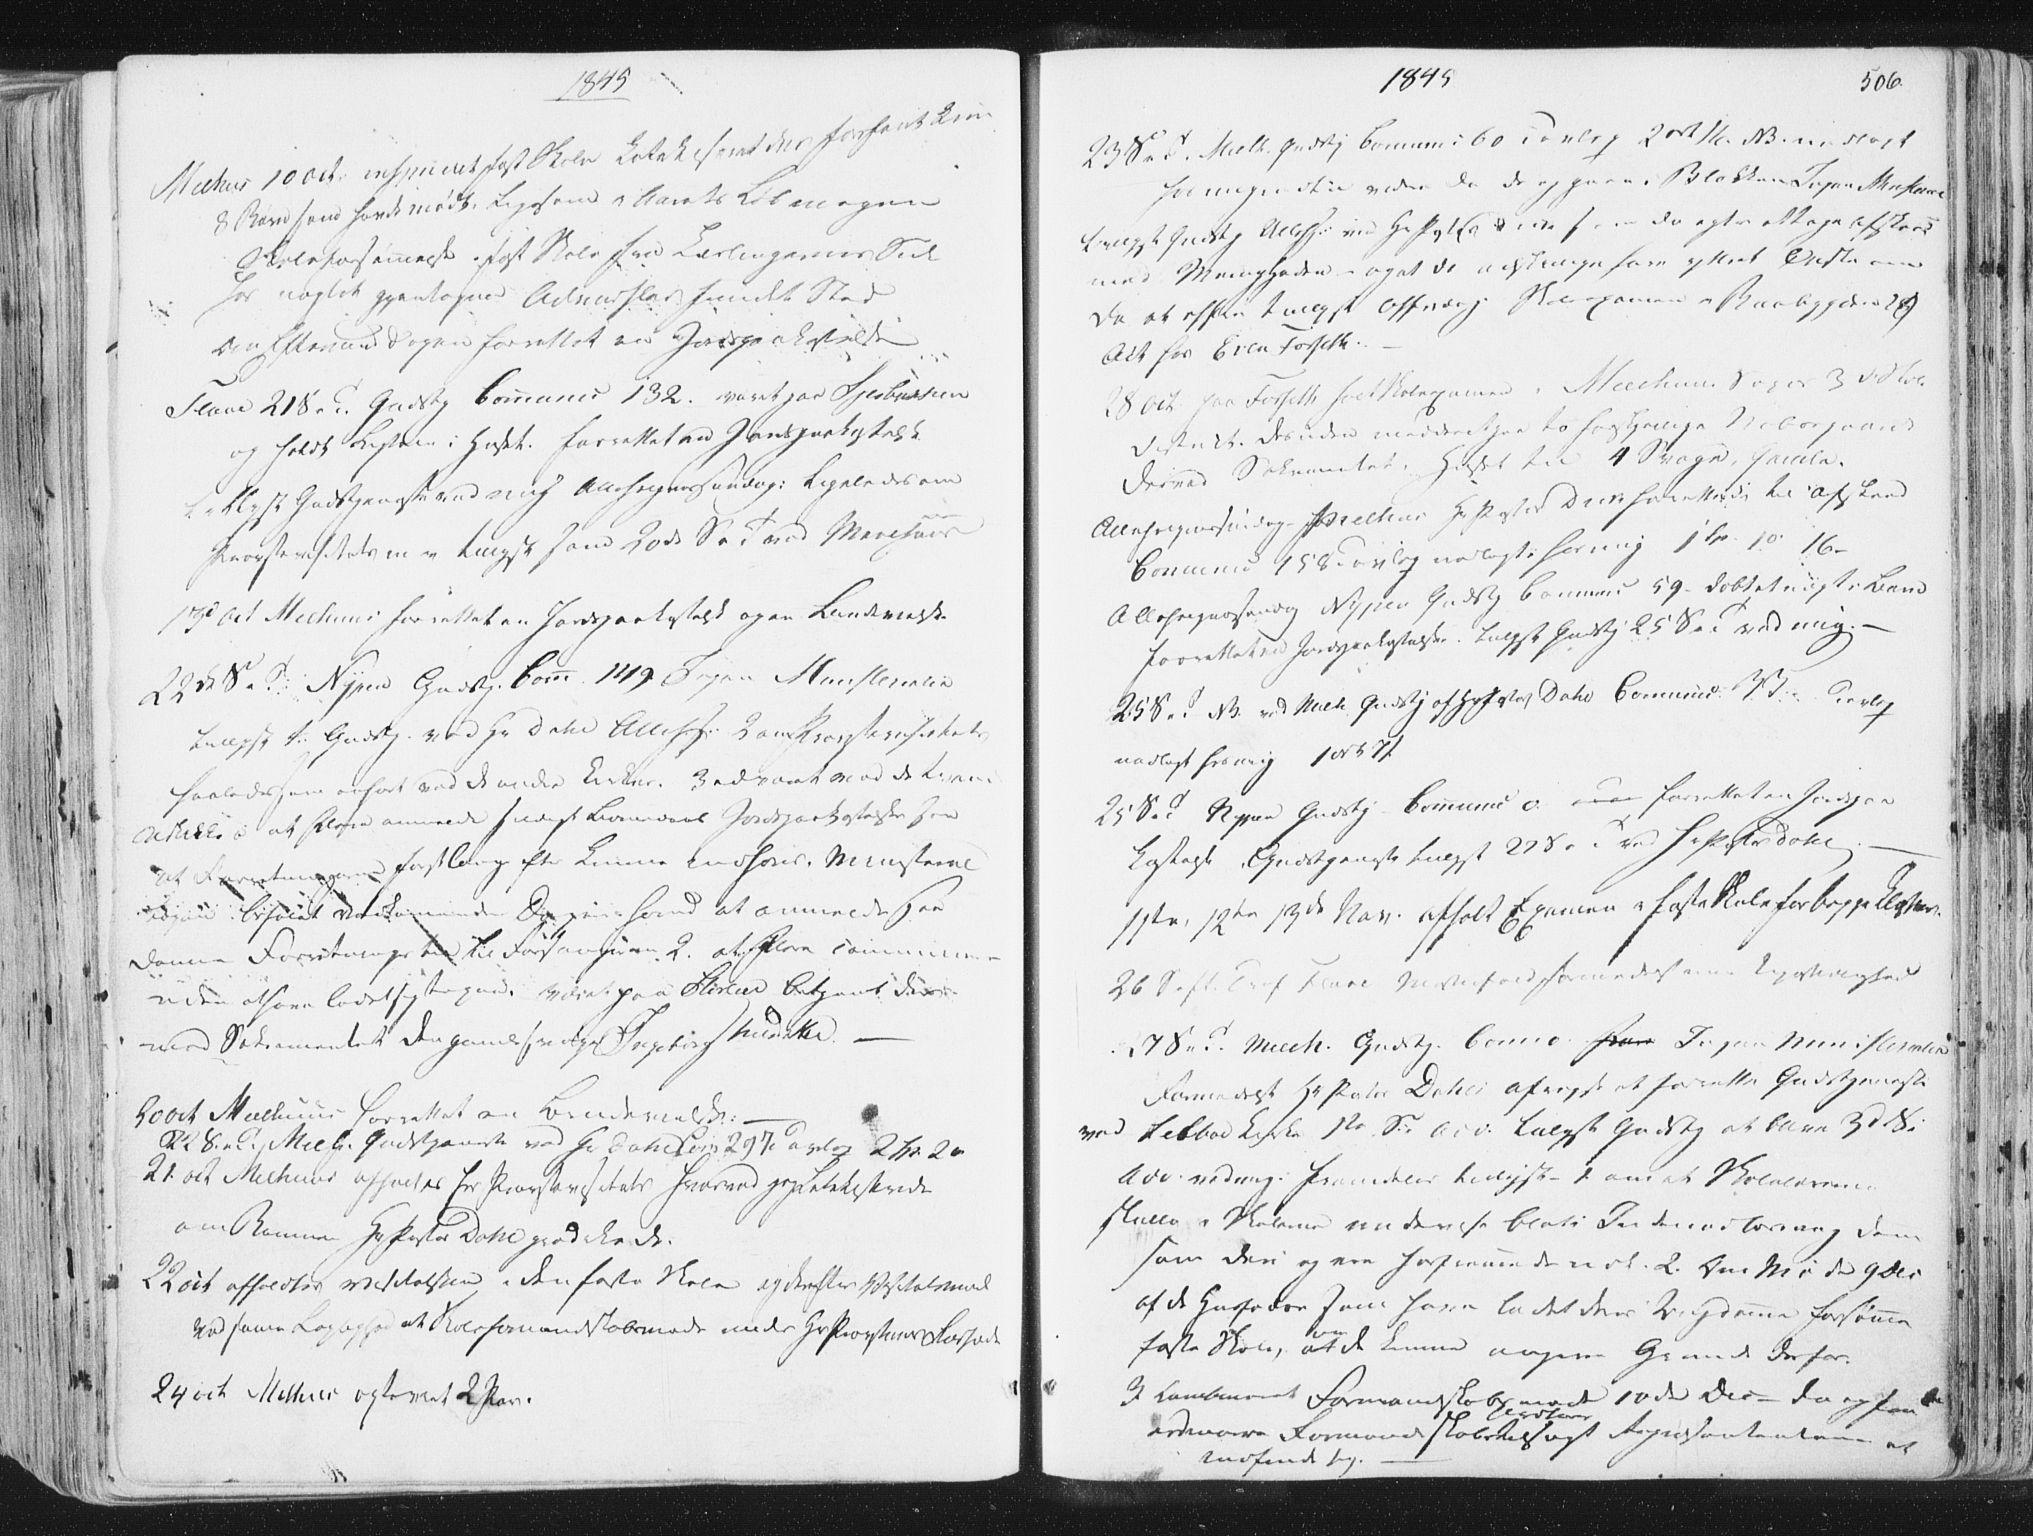 SAT, Ministerialprotokoller, klokkerbøker og fødselsregistre - Sør-Trøndelag, 691/L1074: Ministerialbok nr. 691A06, 1842-1852, s. 506